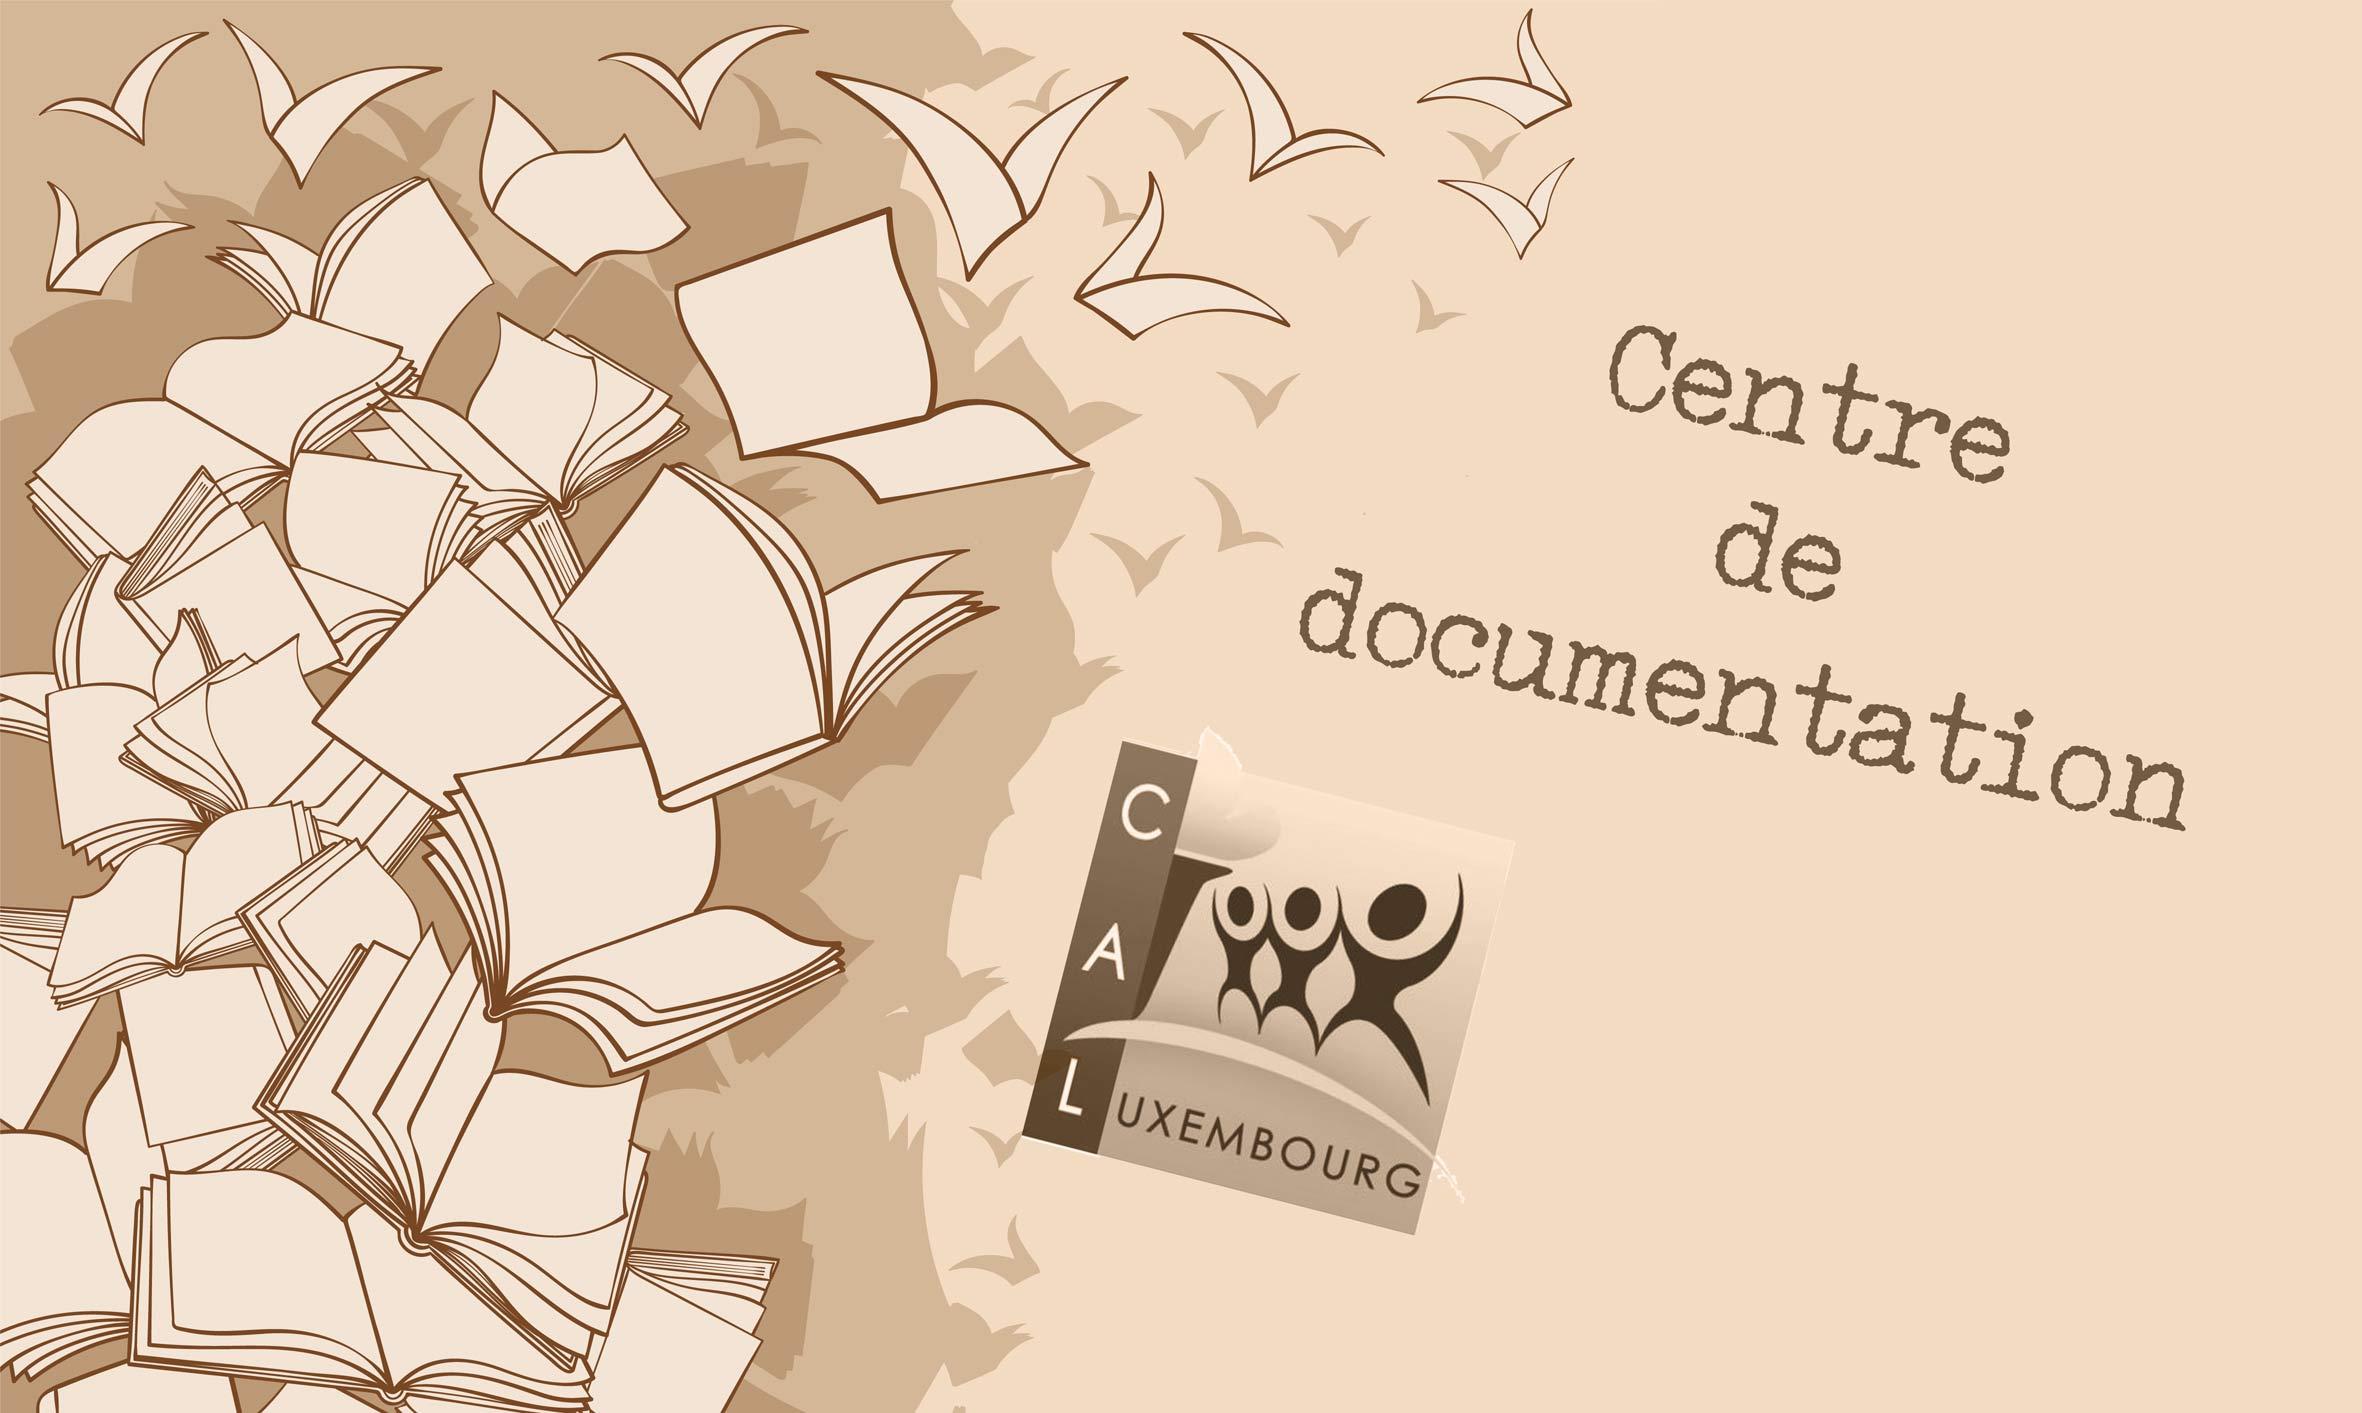 Plus de 3.000 documents (livres, revues, DVD, CD Rom,…) en consultation ou en prêt sont disponibles via le centre de documentation du Centre d'Action Laïque de la province de Luxembourg.